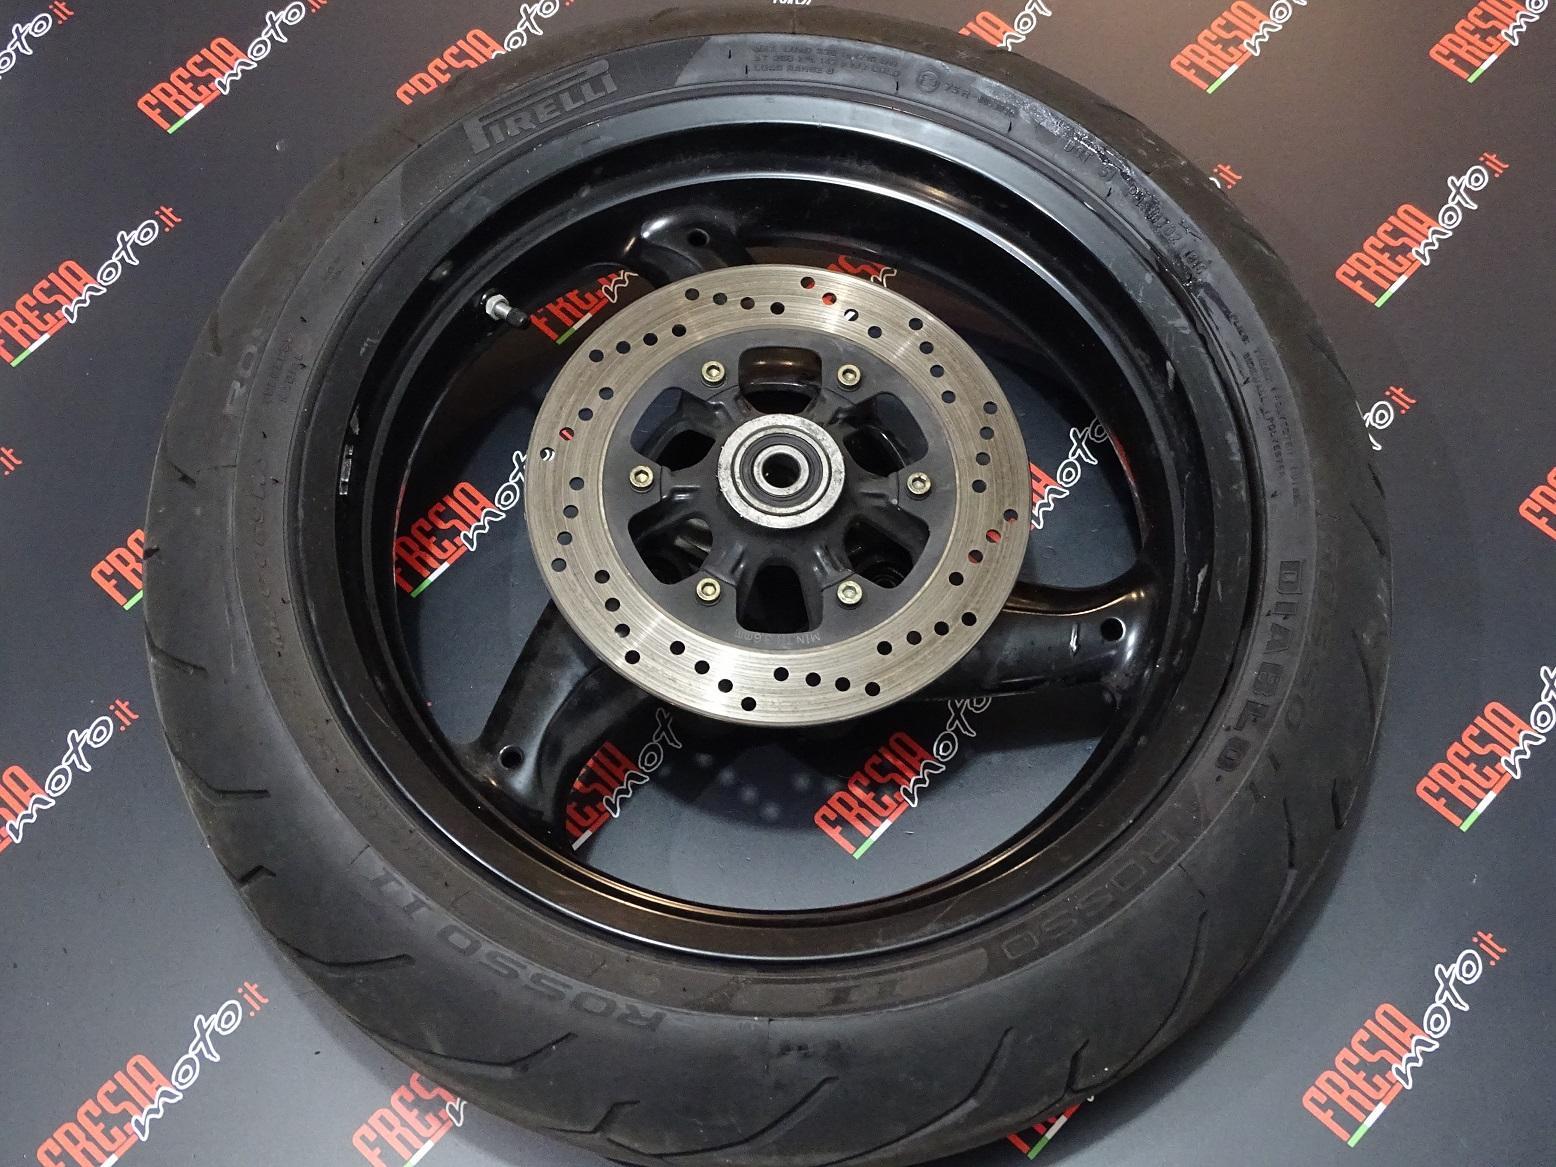 CERCHIO RUOTA POSTERIORE USATO DUCATI MONSTER 600 cc DARK ANNO 2000